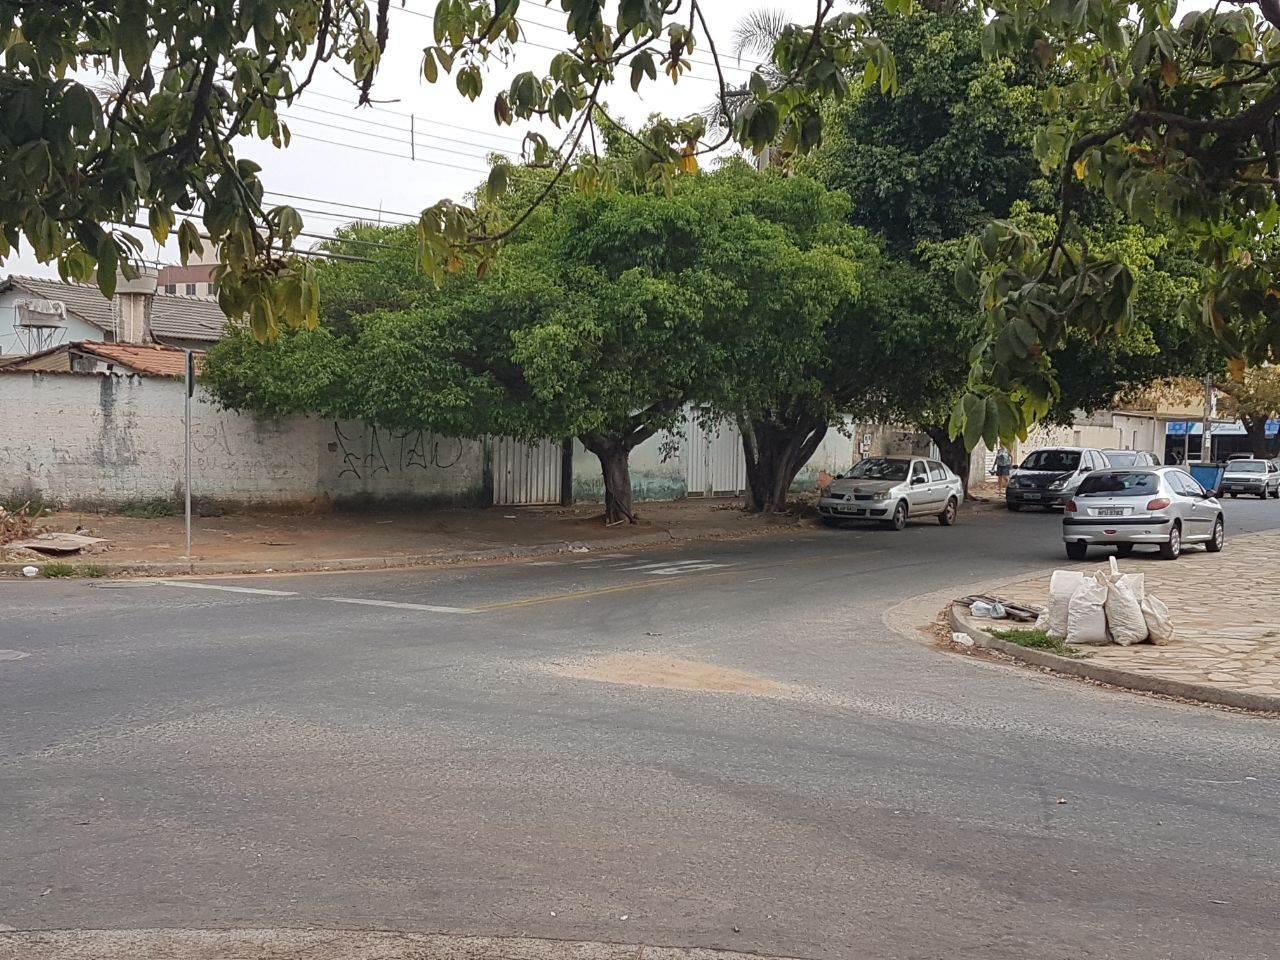 Esquina entre as ruas C-208 e C-210, no Jardim América | Foto: Folha Z